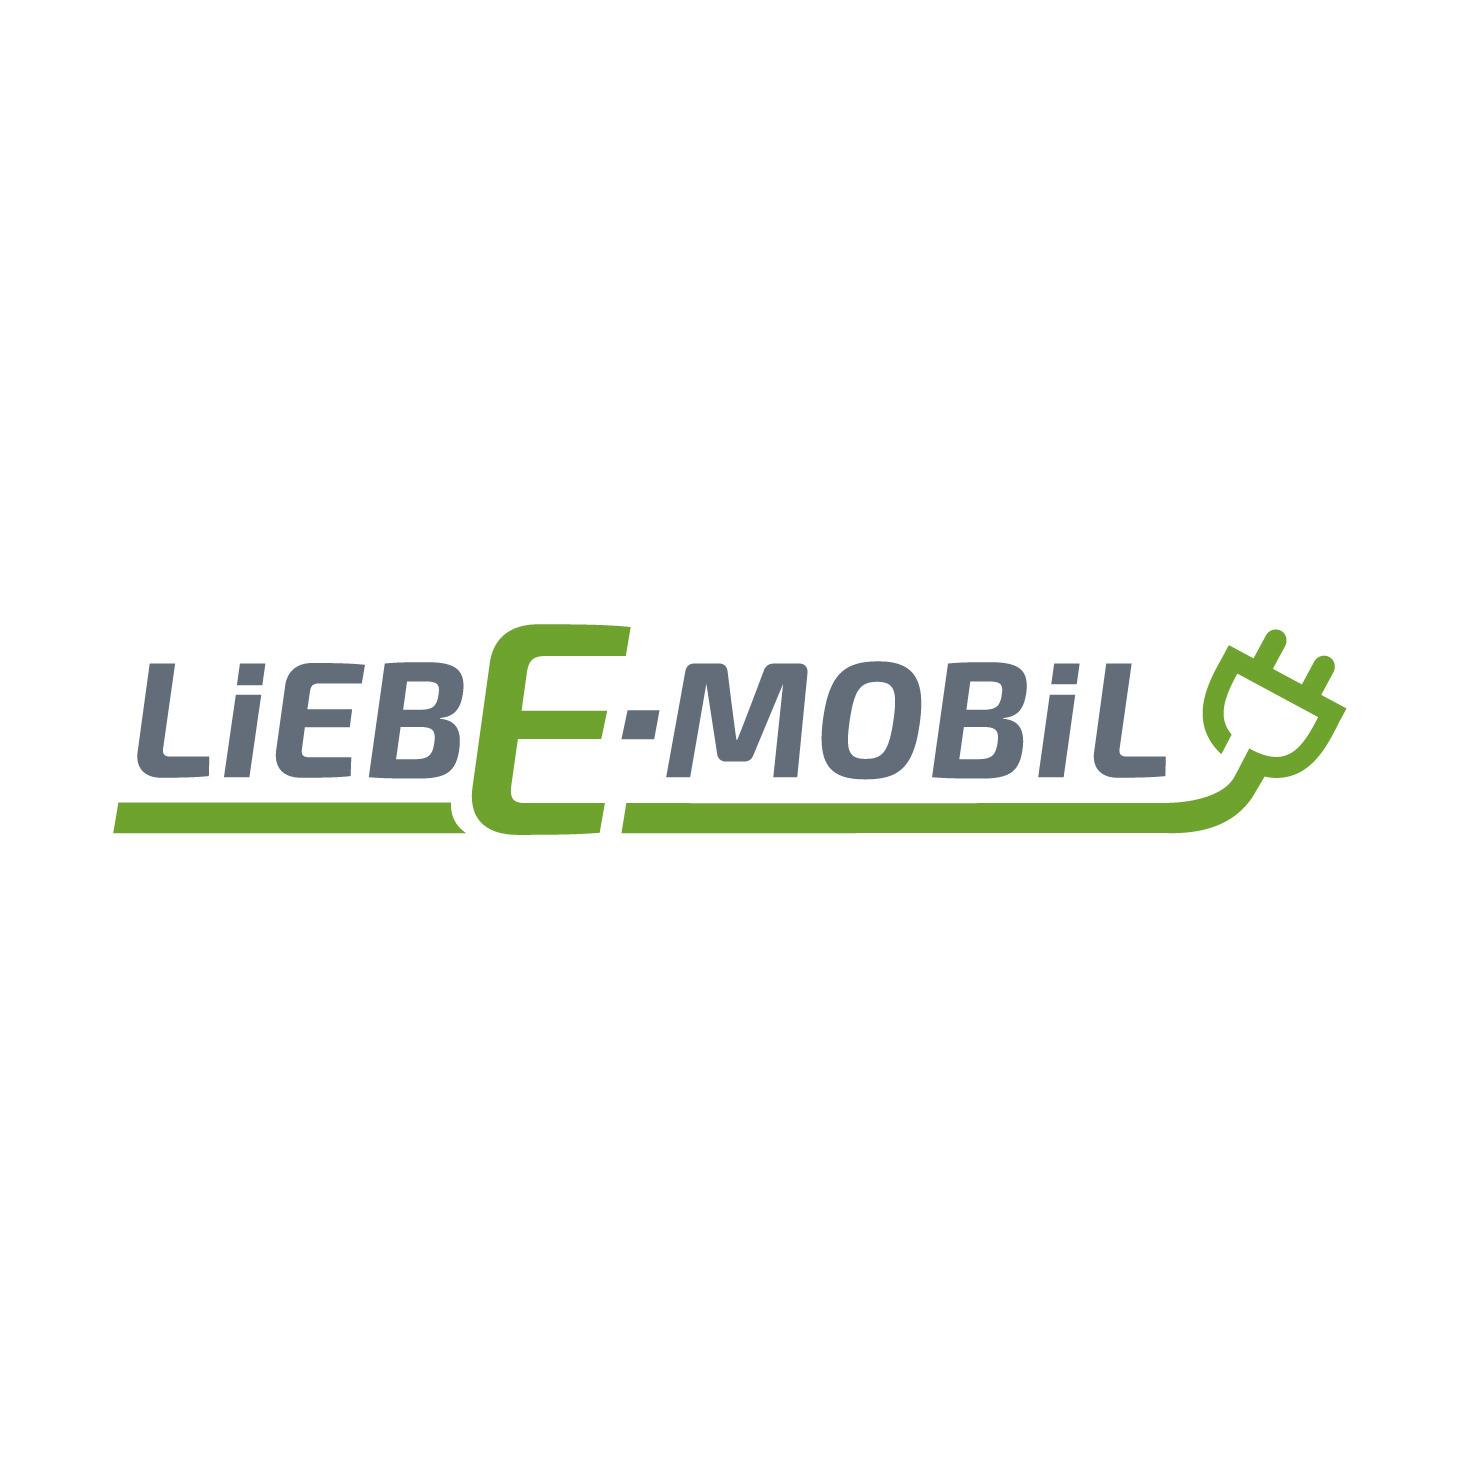 Bild zu LIEBE-MOBIL GmbH in Köln